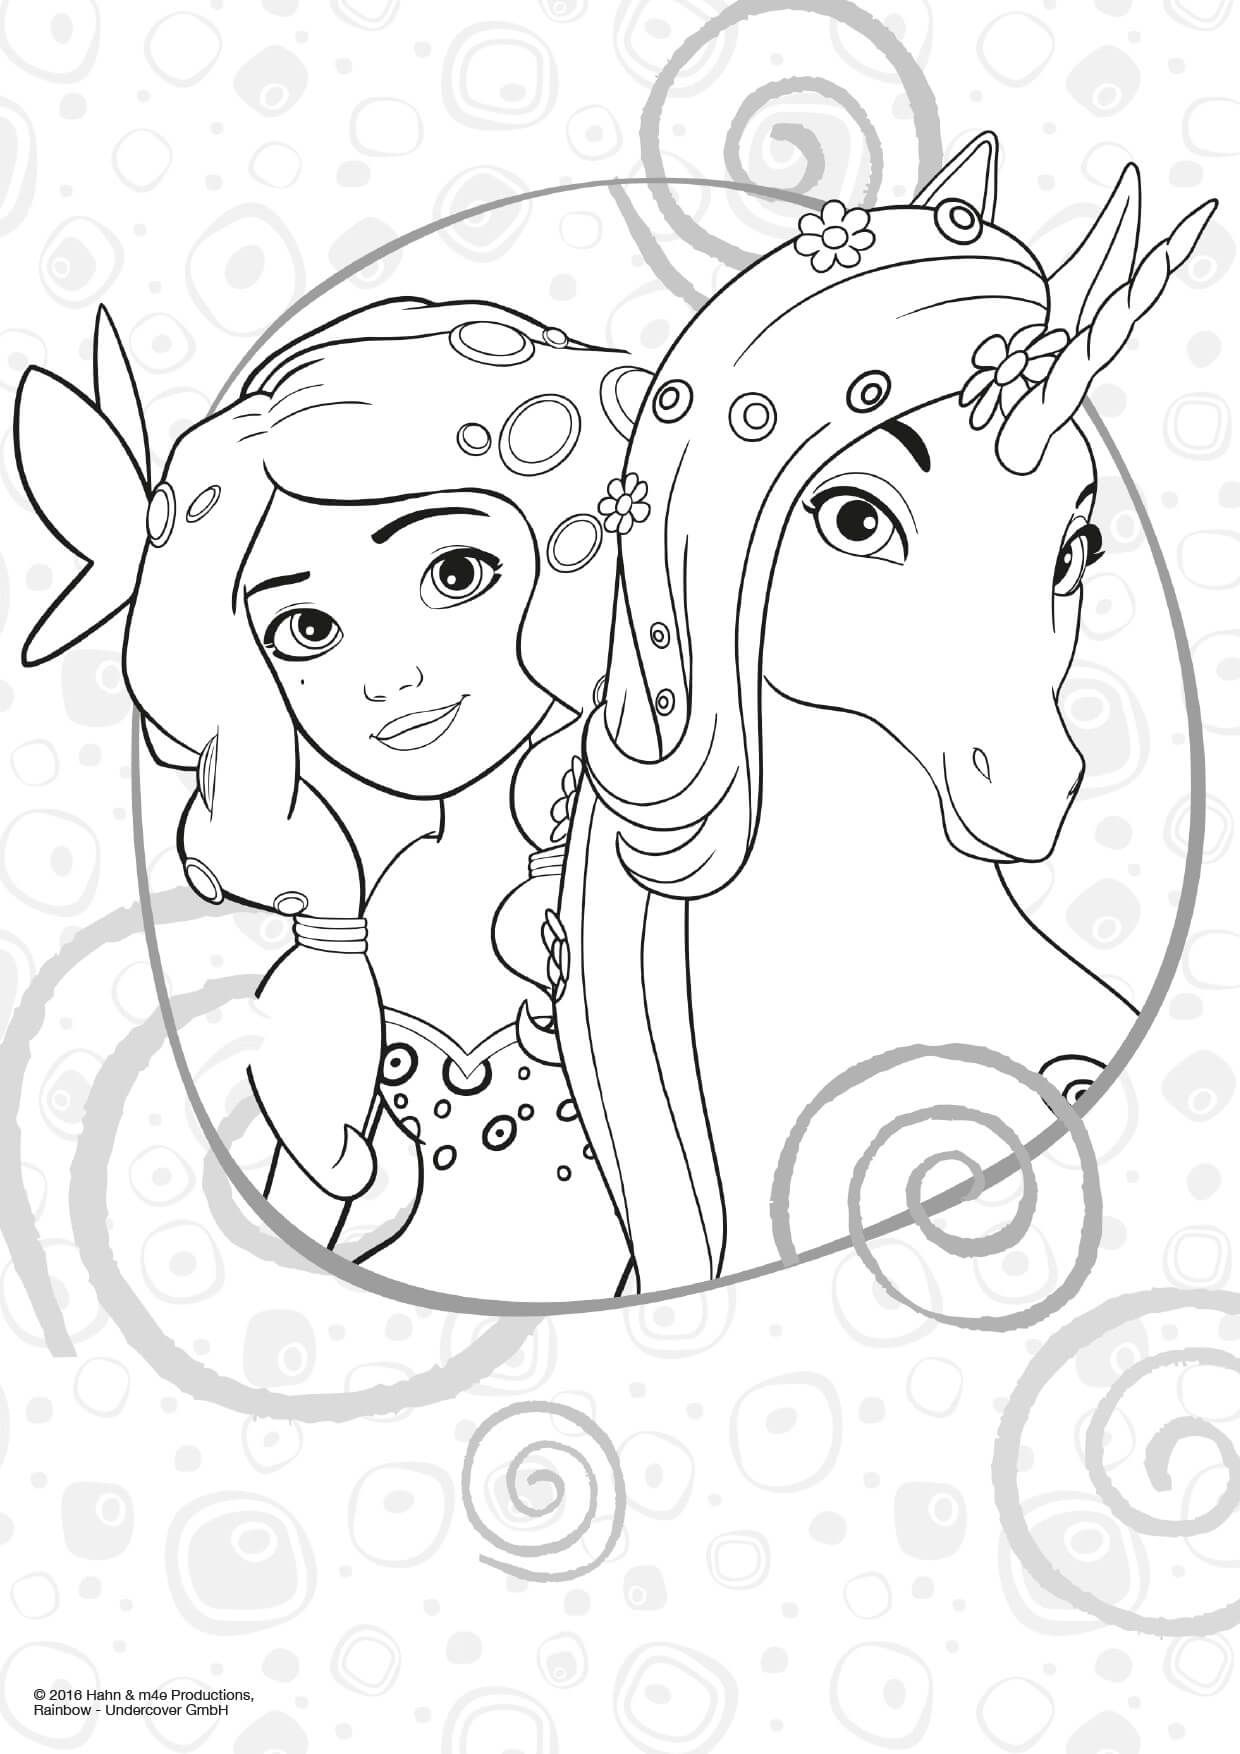 Desenhos para colorir disney, Desenhos infantis para colorir, Desenhos